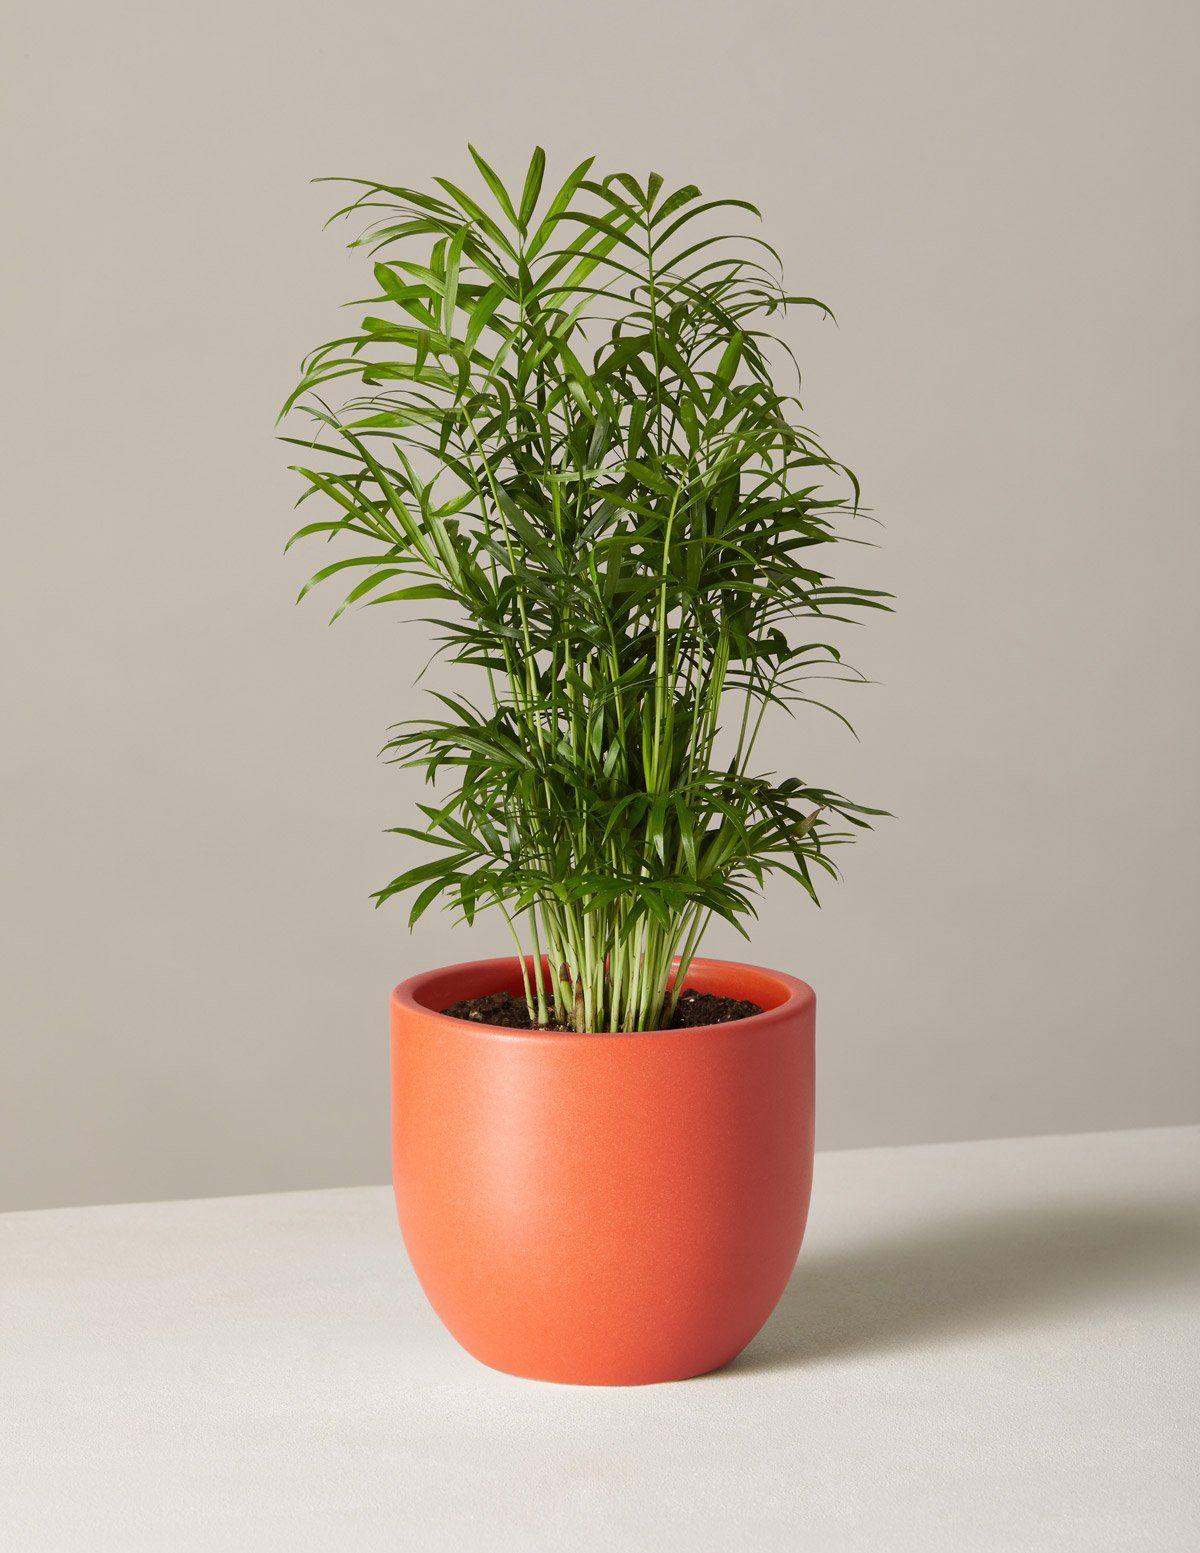 Parlor Palm Perfect plants, Low light plants, Winter plants